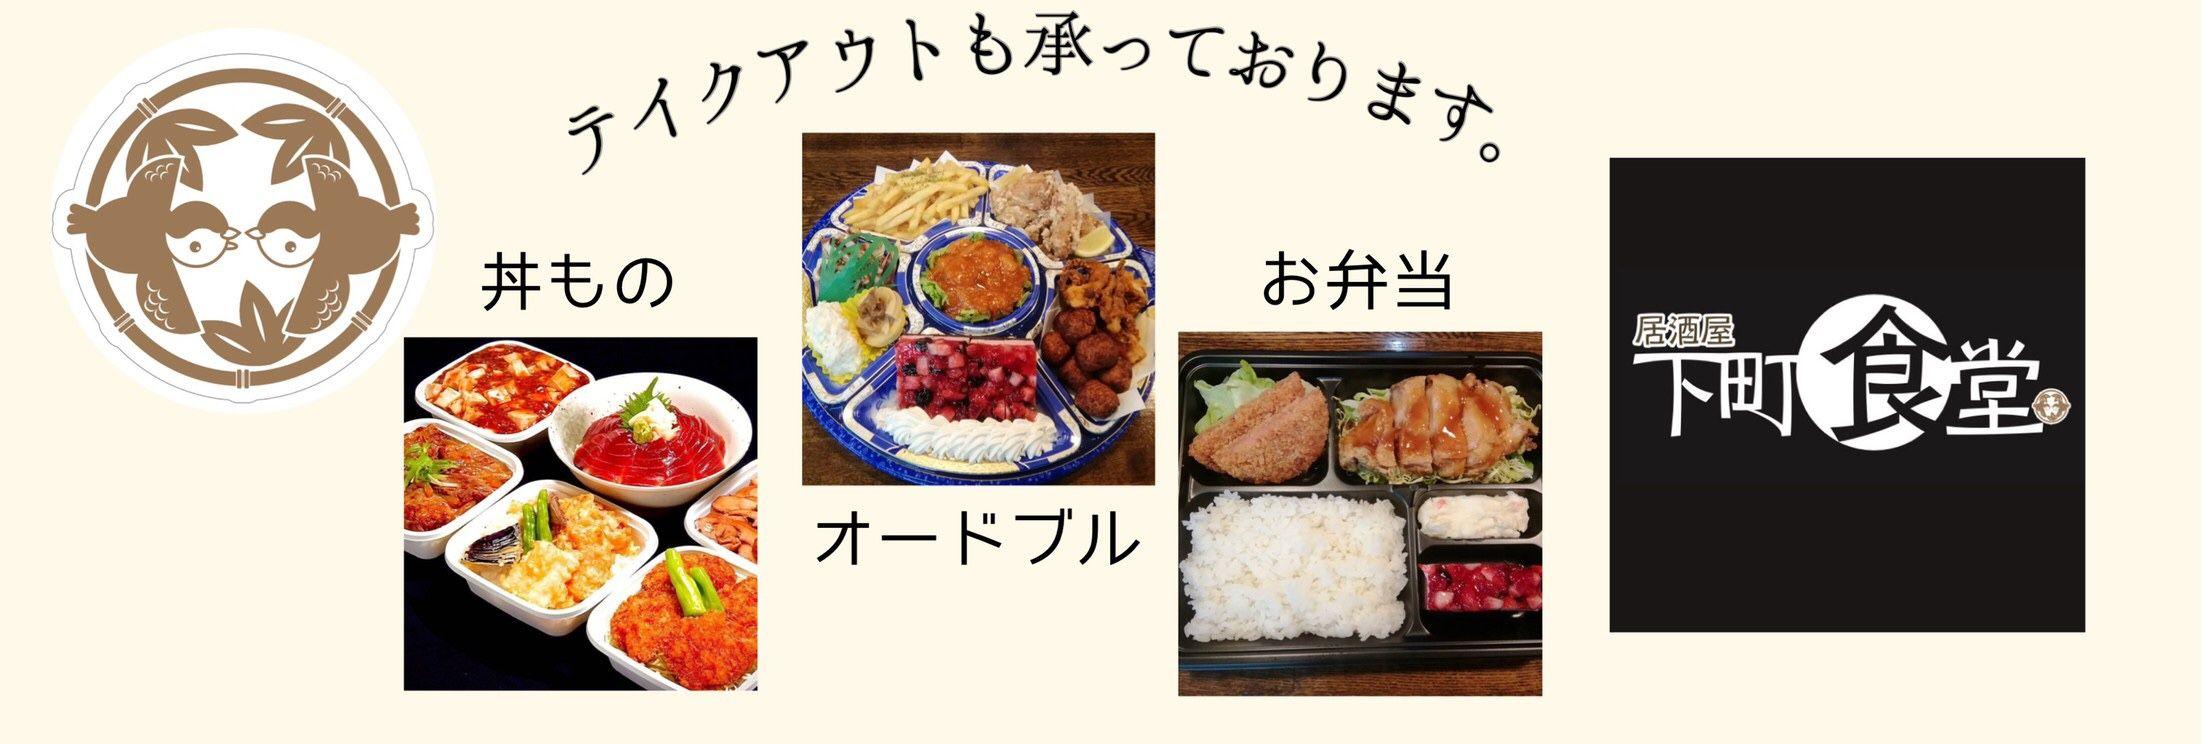 居酒屋下町食堂(いざかやしたまちしょくどう)